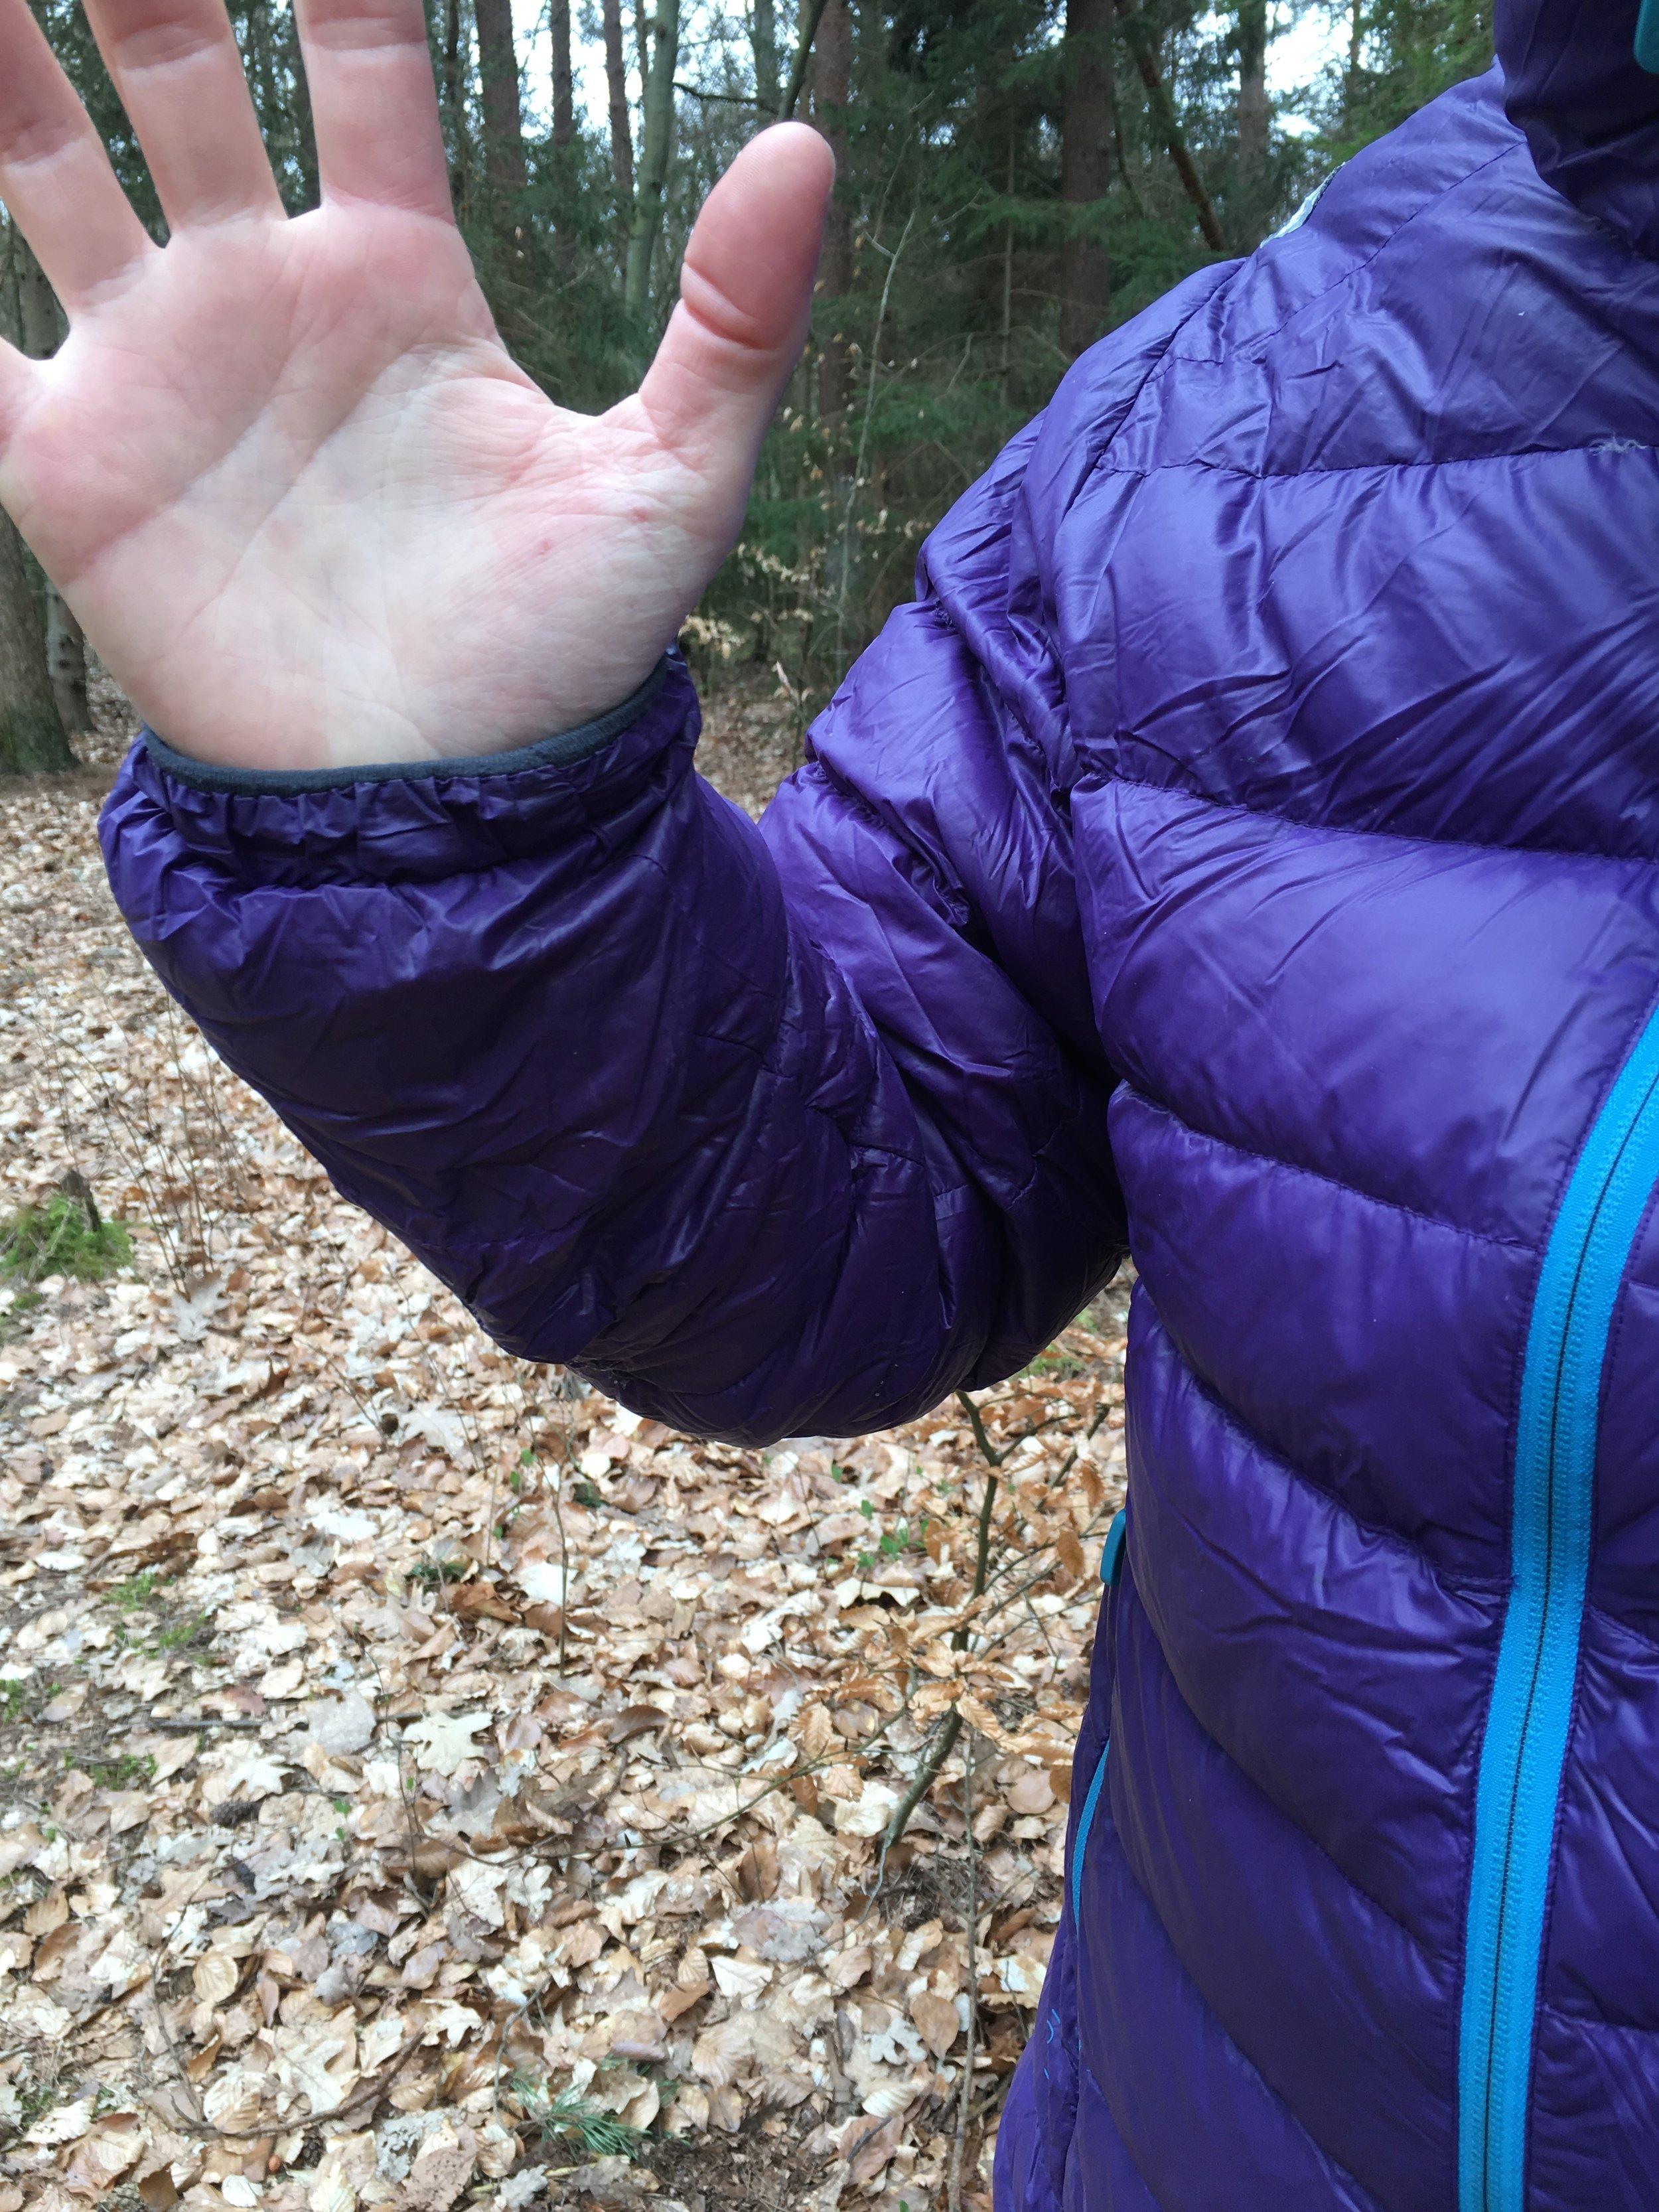 Ved håndledet er der elastik og blødt fleece.